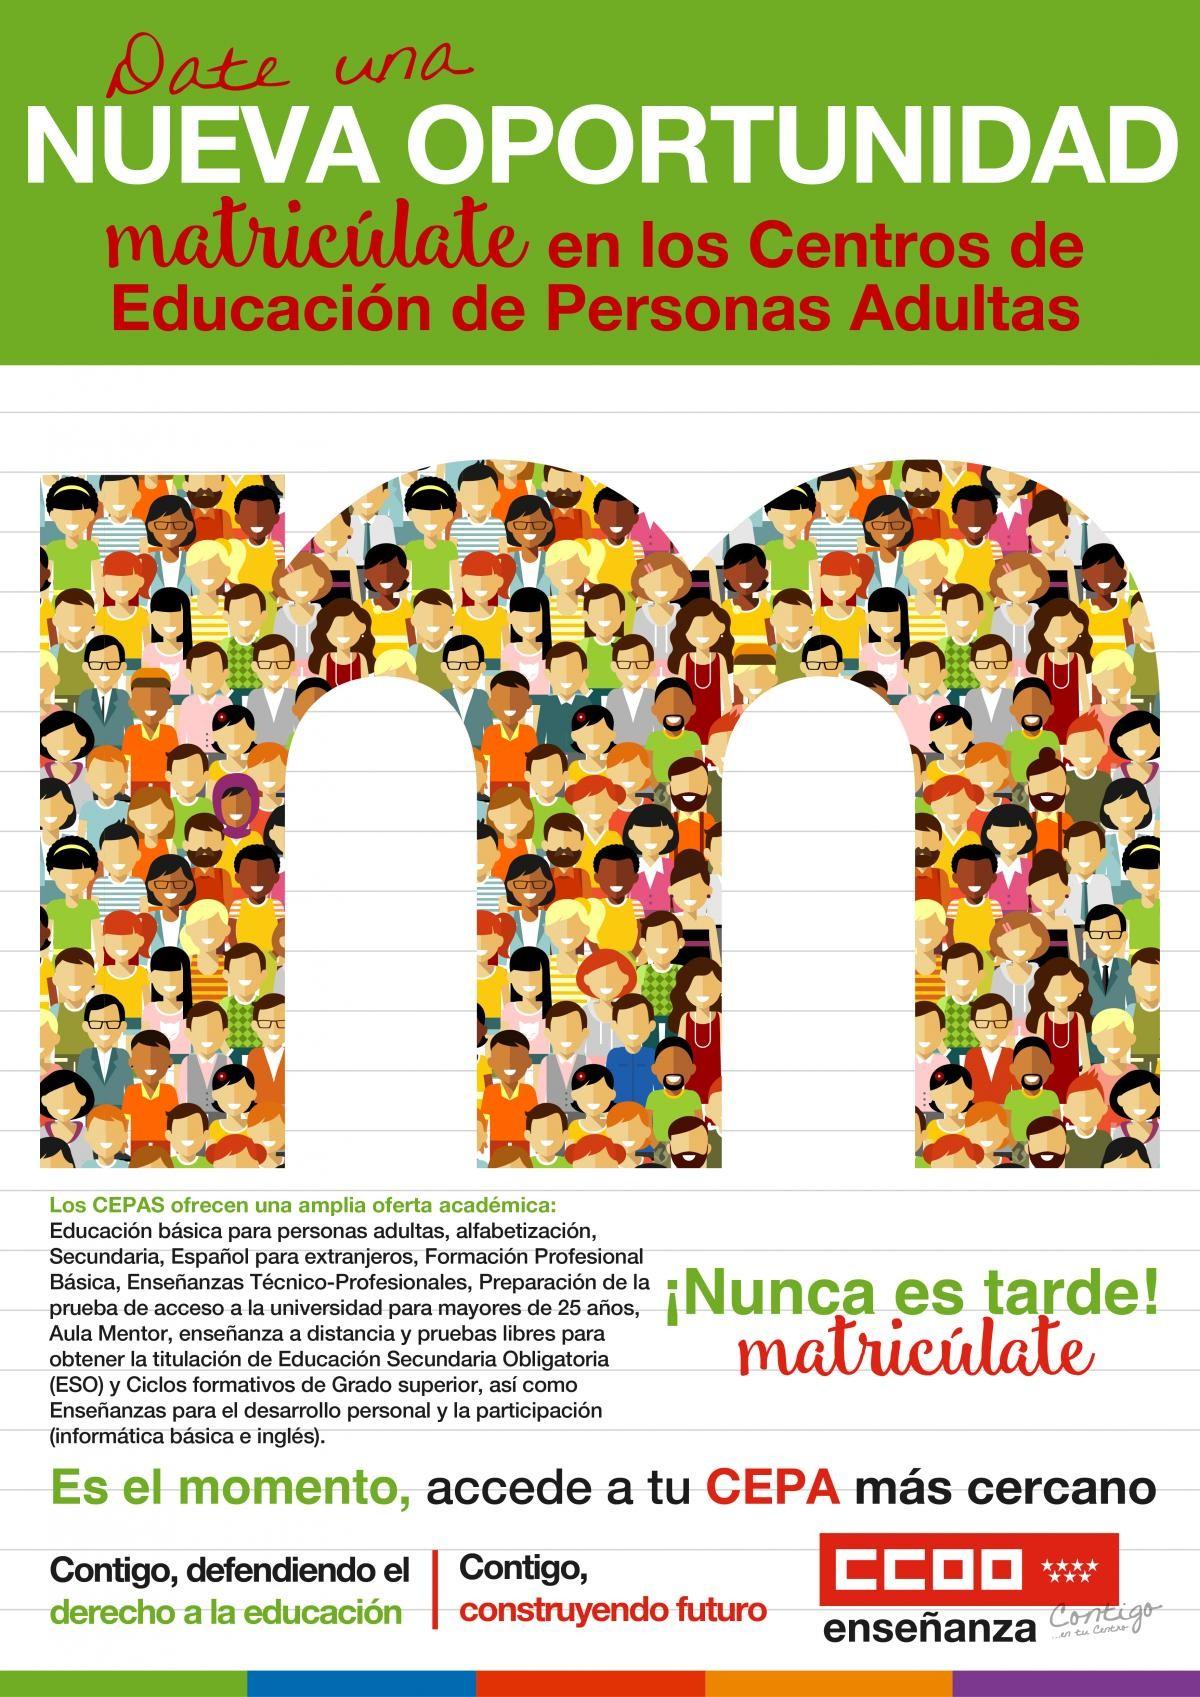 Calendario Escolar 2019 Madrid Imprimir Actual Federaci³n De Ense±anza De Ccoo De Madrid Inicio Of Calendario Escolar 2019 Madrid Imprimir Actual Calendario Escolar Propuesta De Anpe Y Propuesta De La Consejera